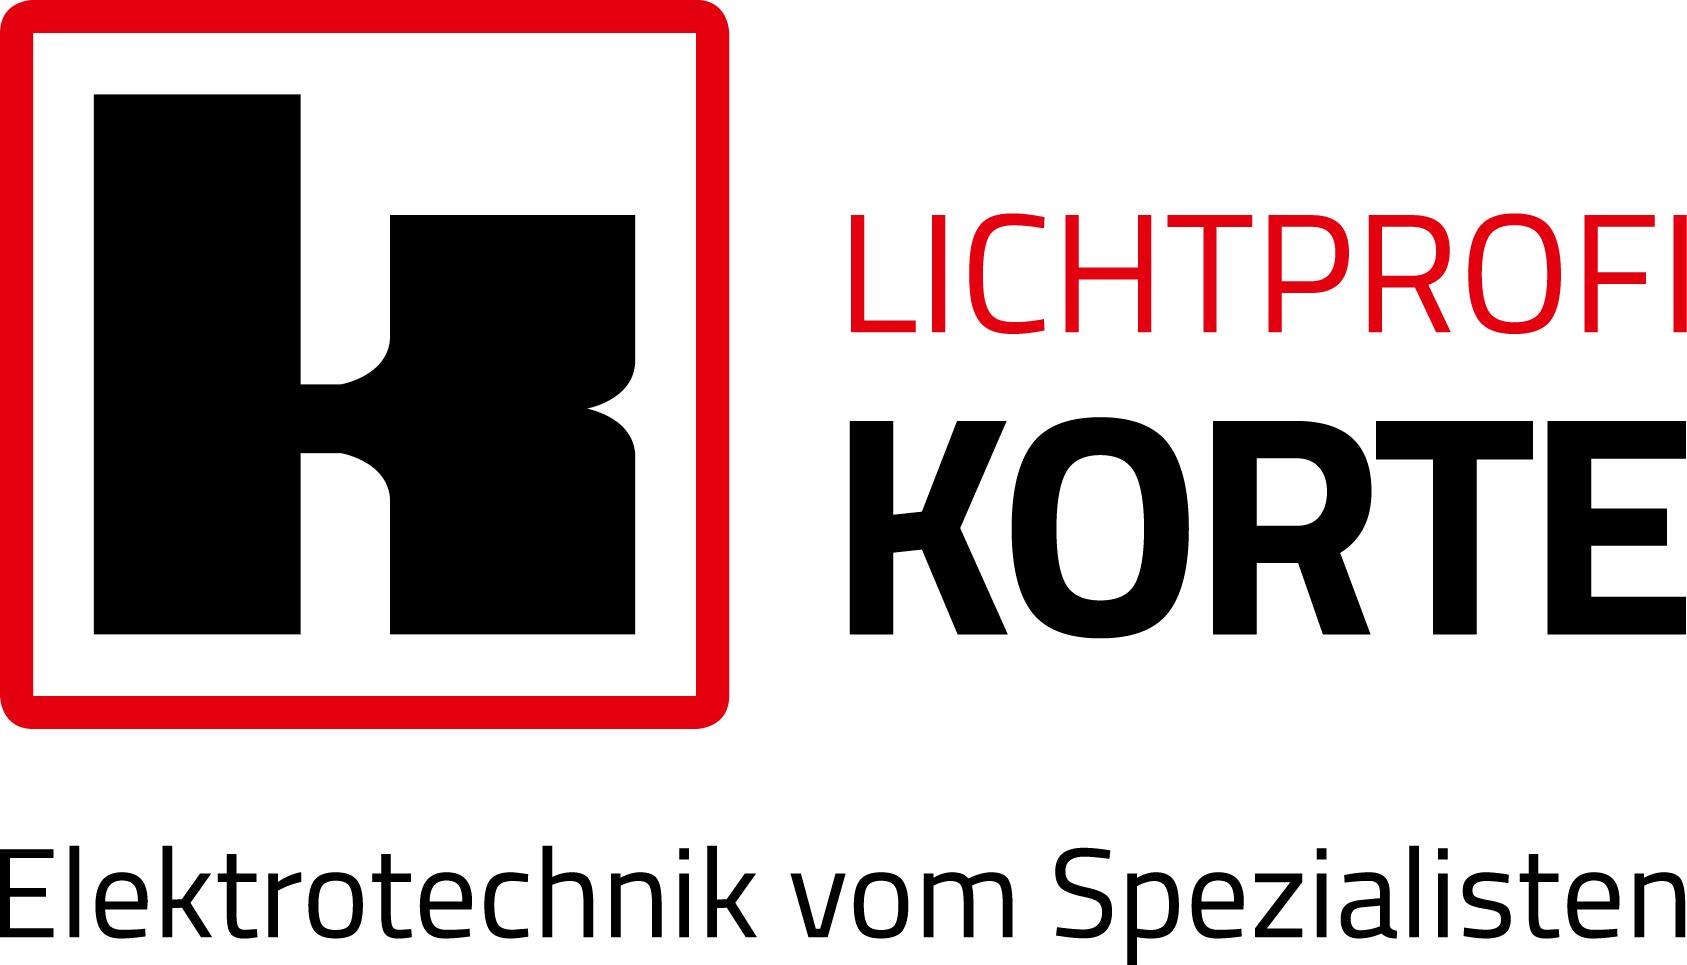 Lichtprofi Korte 4c RGB(2) aus Osnabrück - Der Elektriker im Zenntrum